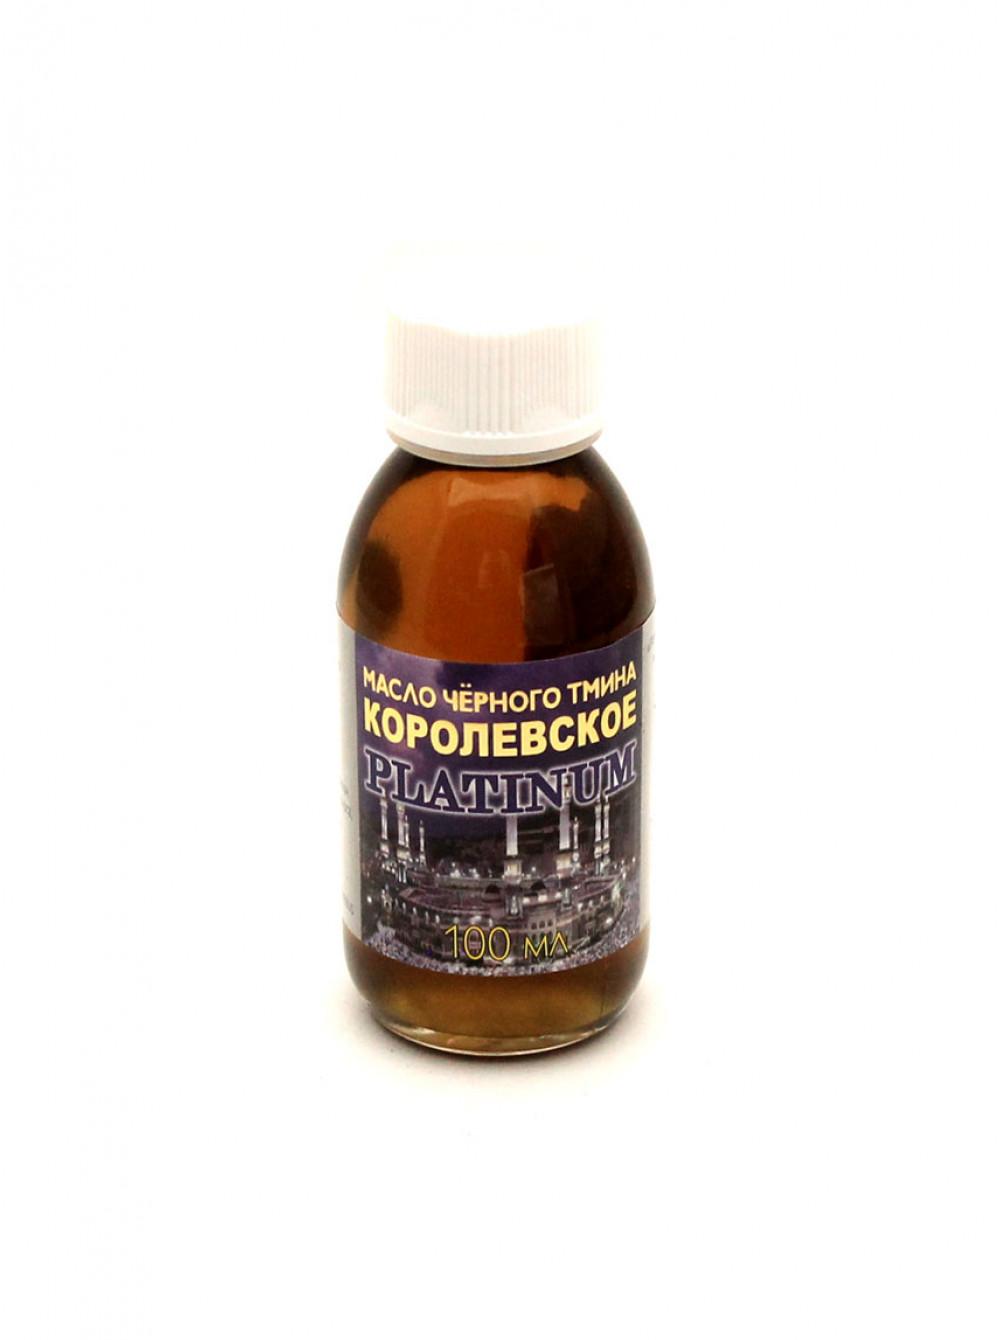 Черный Тмин Масло При Похудении. Особенности масла черного тмина для похудения